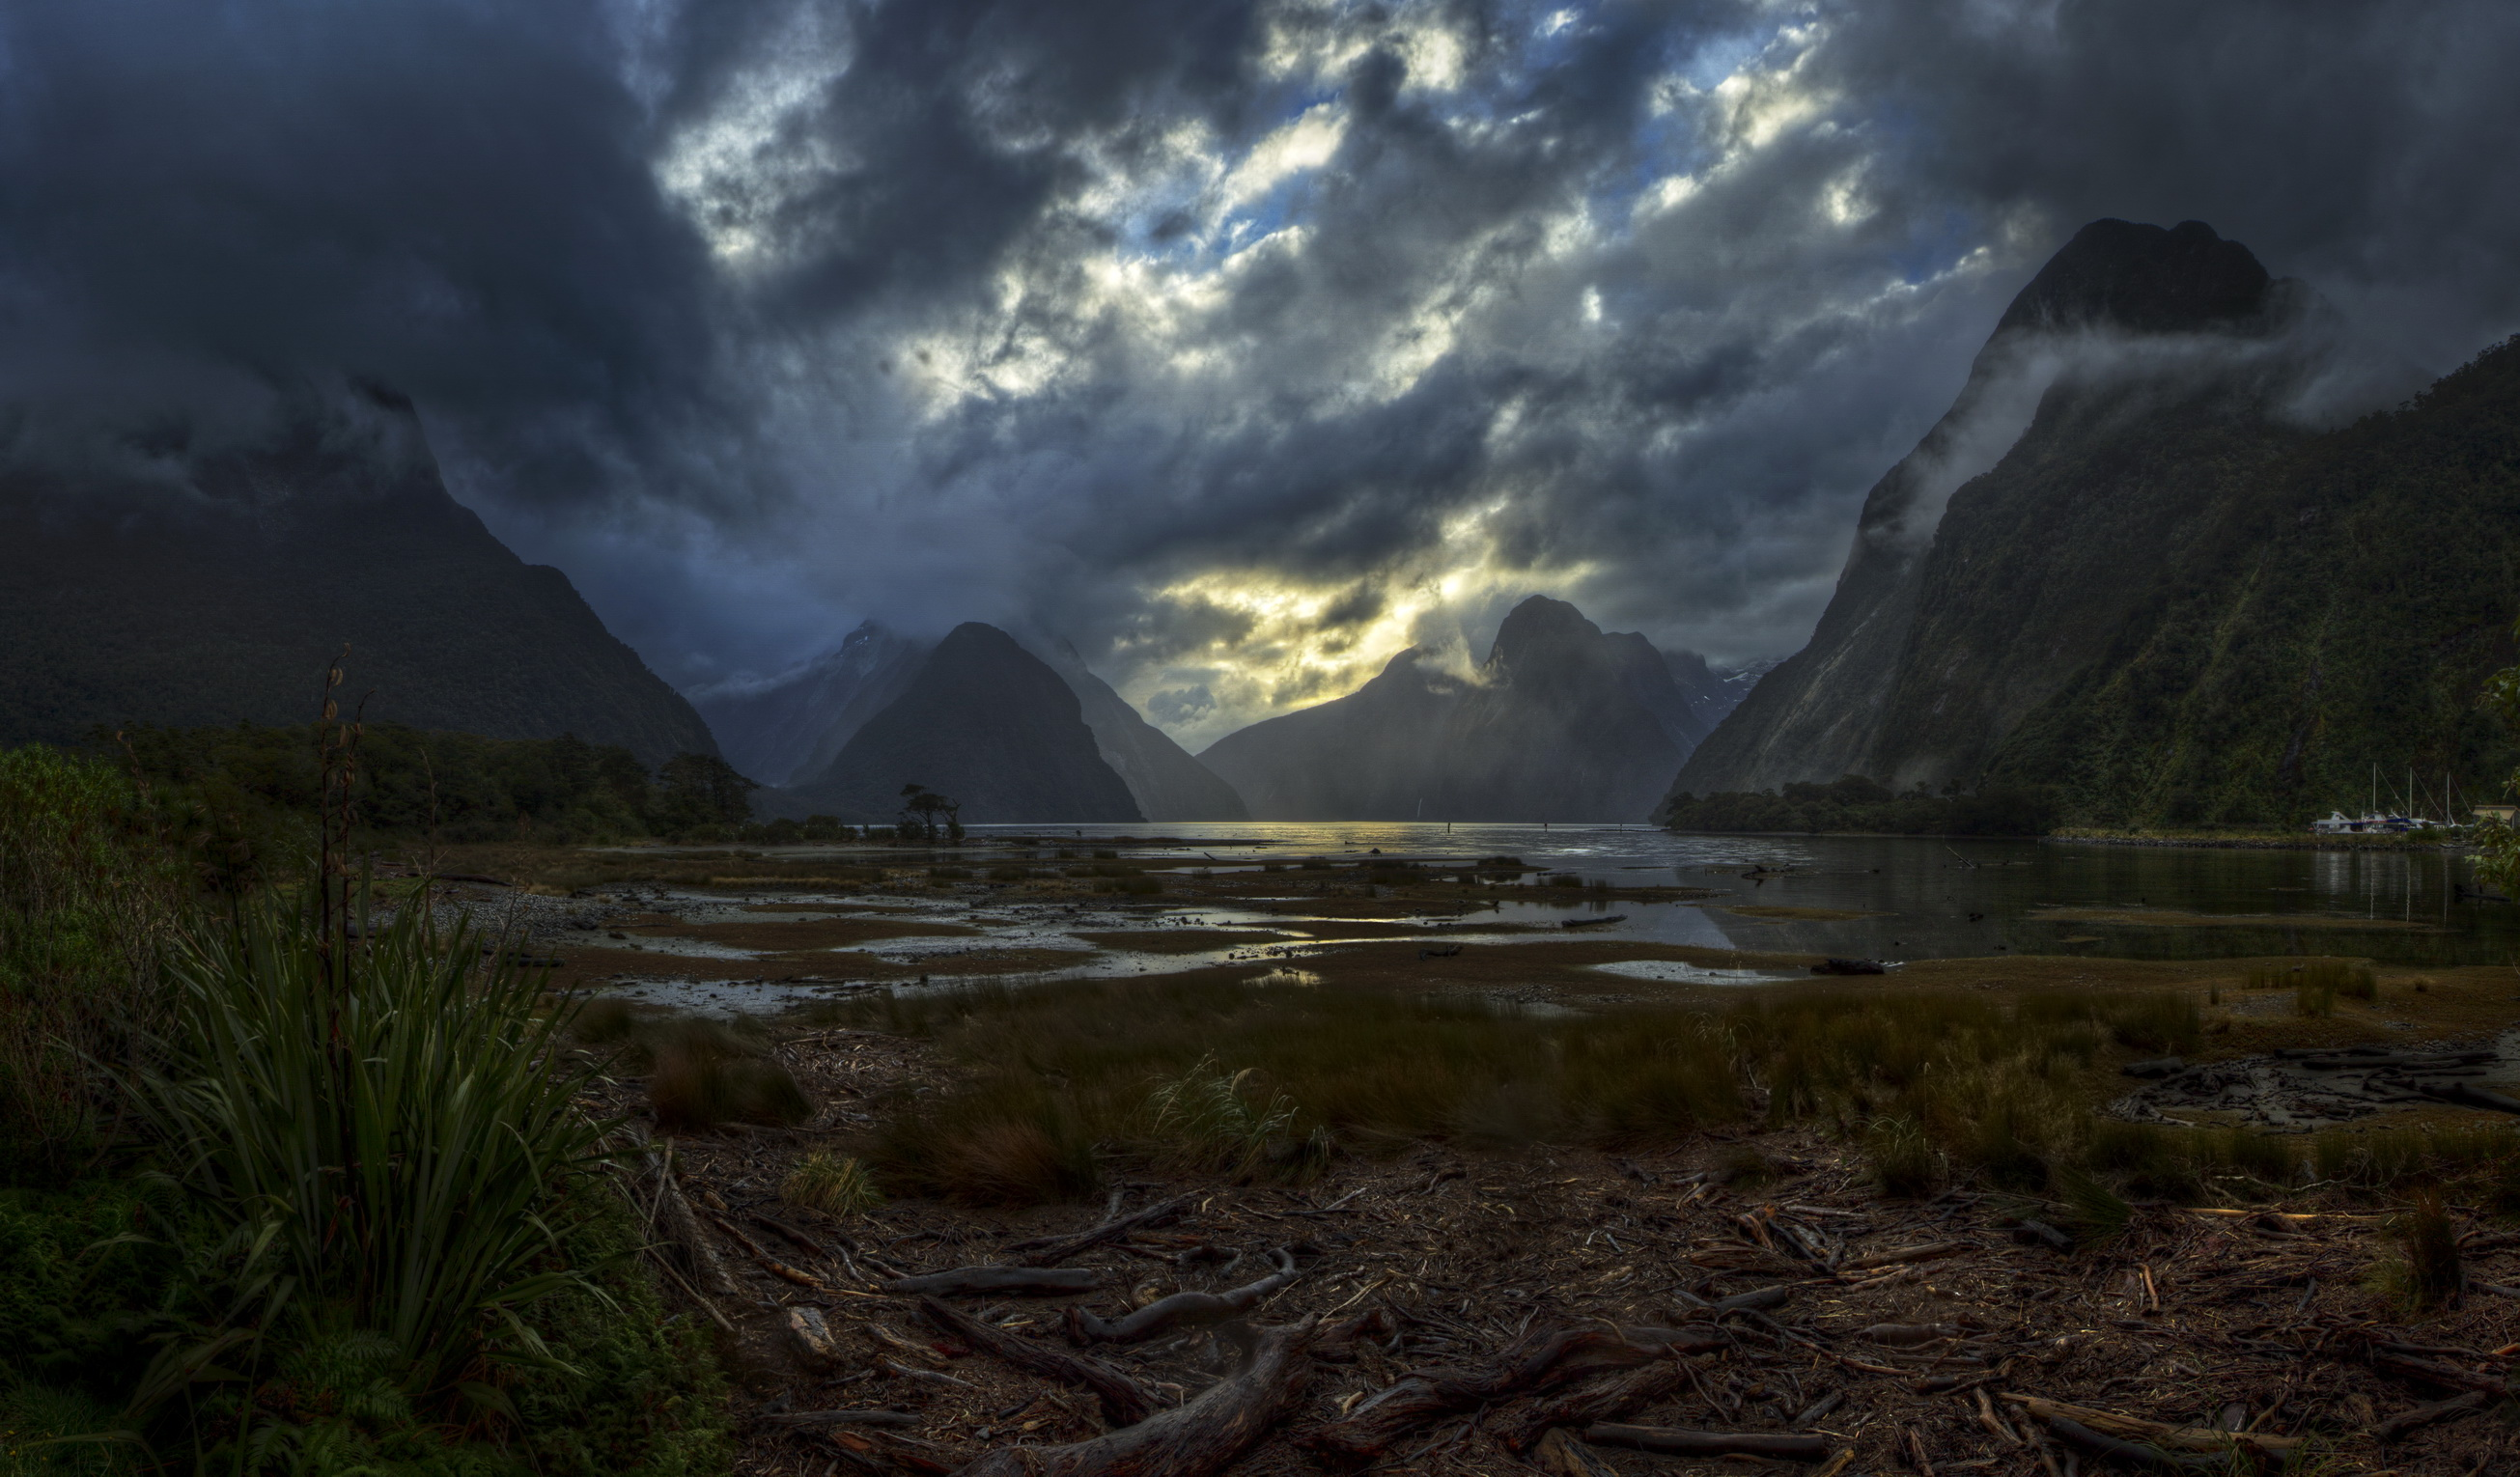 дорога гора тучи мрак скачать